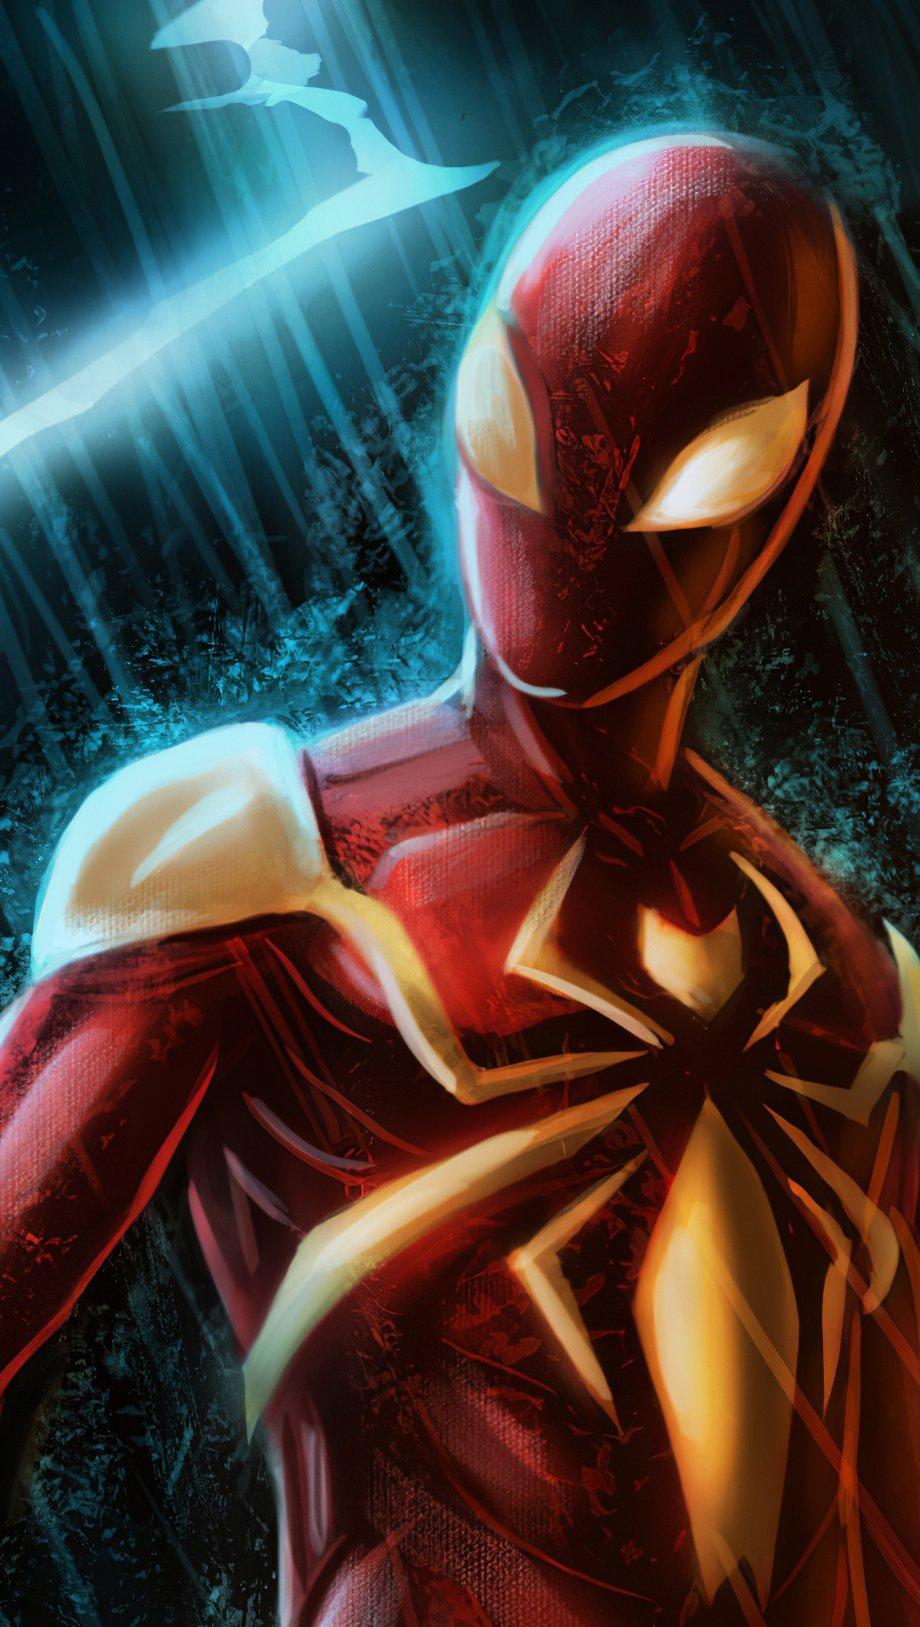 Fondos de pantalla El hombre araña con traje rojo y dorado Vertical